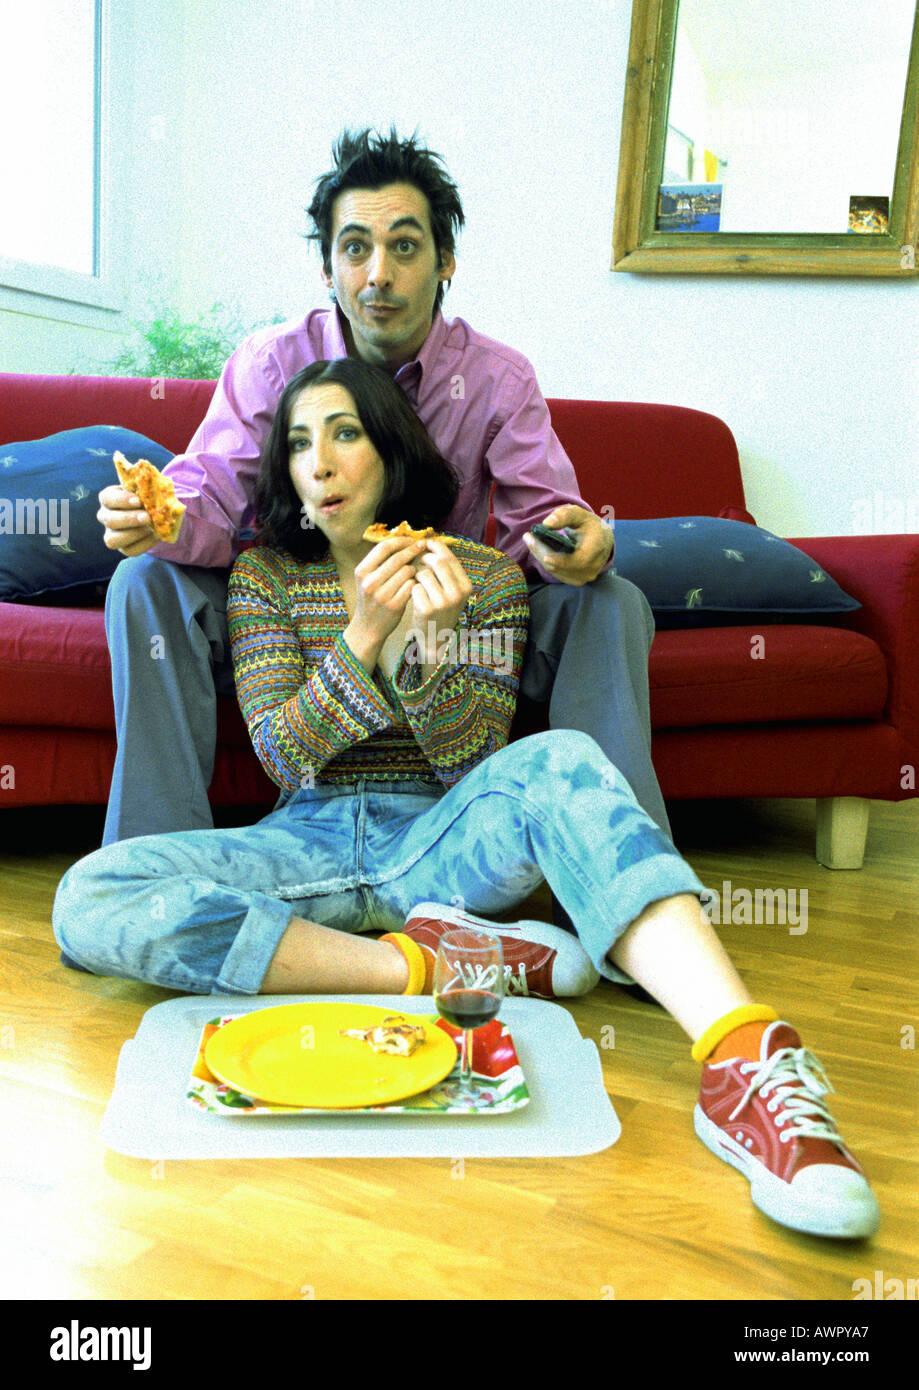 Hombre sentado en el sofá, una mujer sentada en el suelo entre las piernas del hombre. Foto de stock